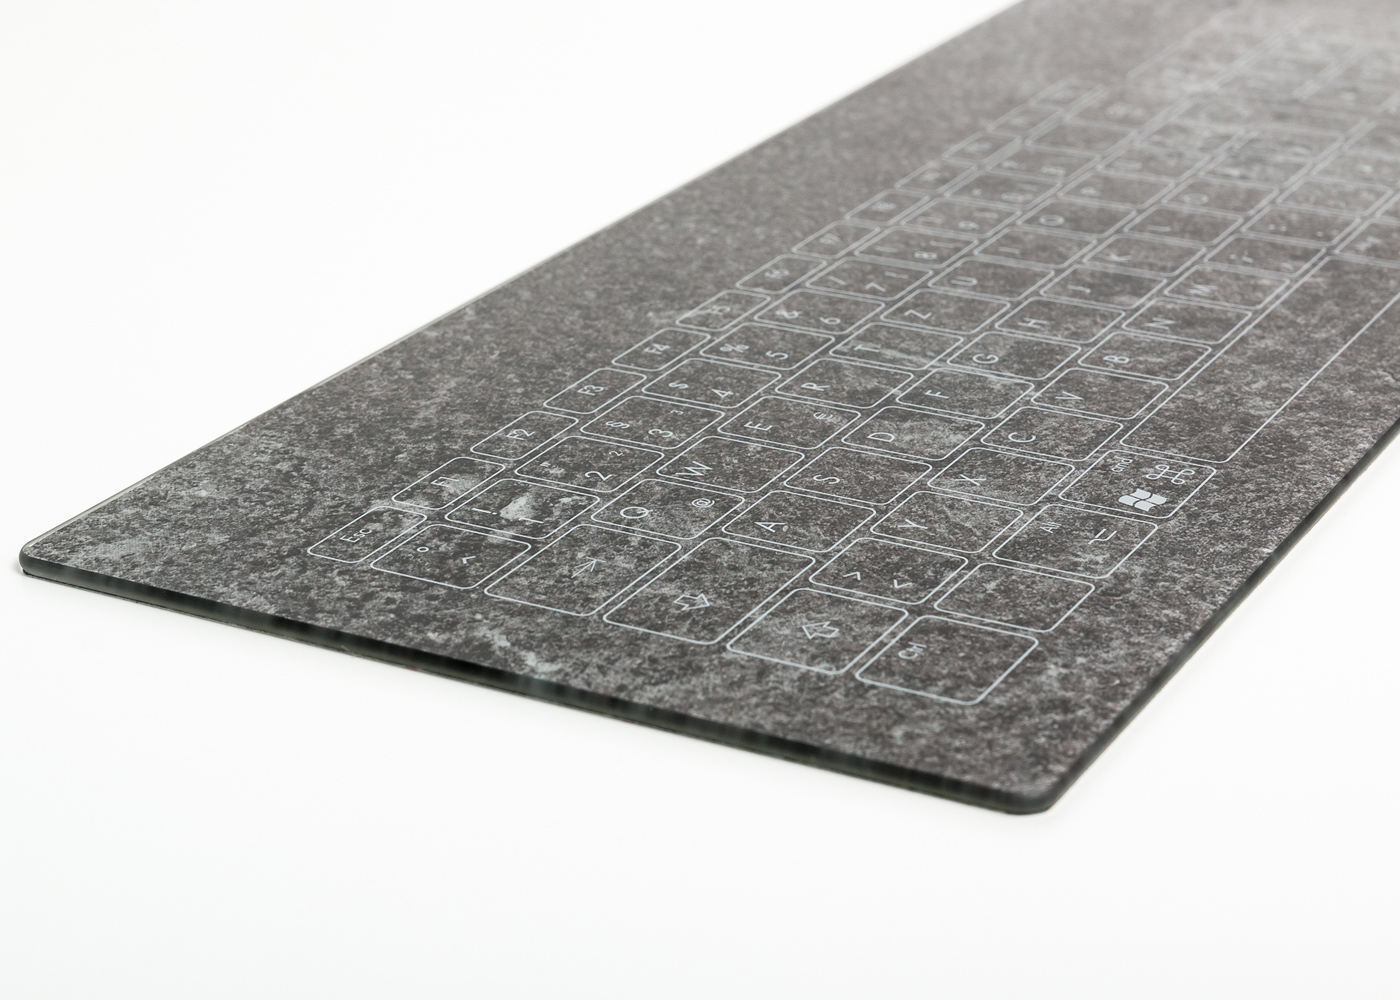 TKR-103 – Clavier verre capacitif intégrable en panneau – Face avant personnalisée